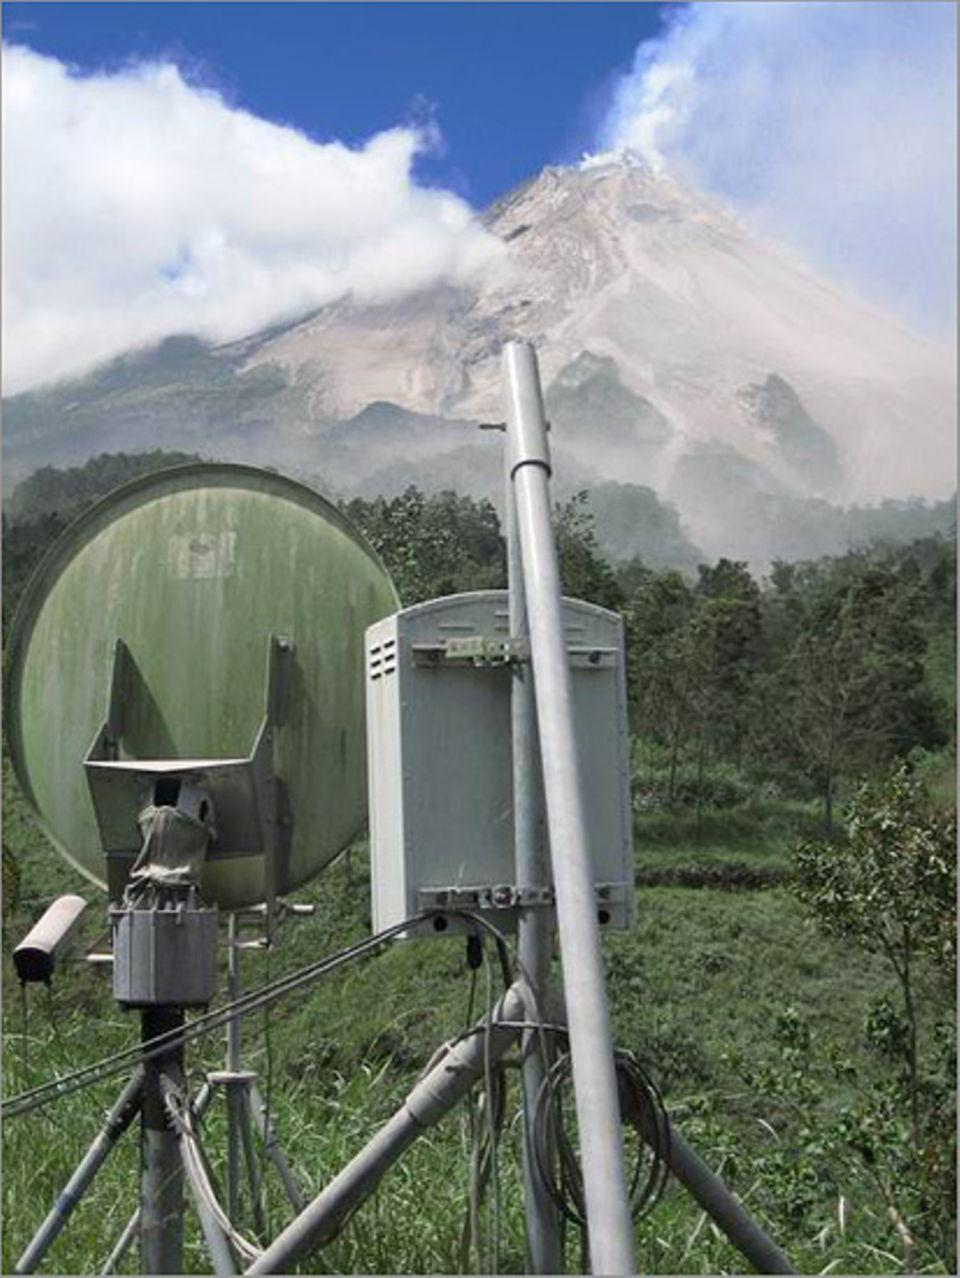 Das Radar läuft wieder: Der Observator kann nun die Aktivität am Dom zu jeder Zeit überwachen